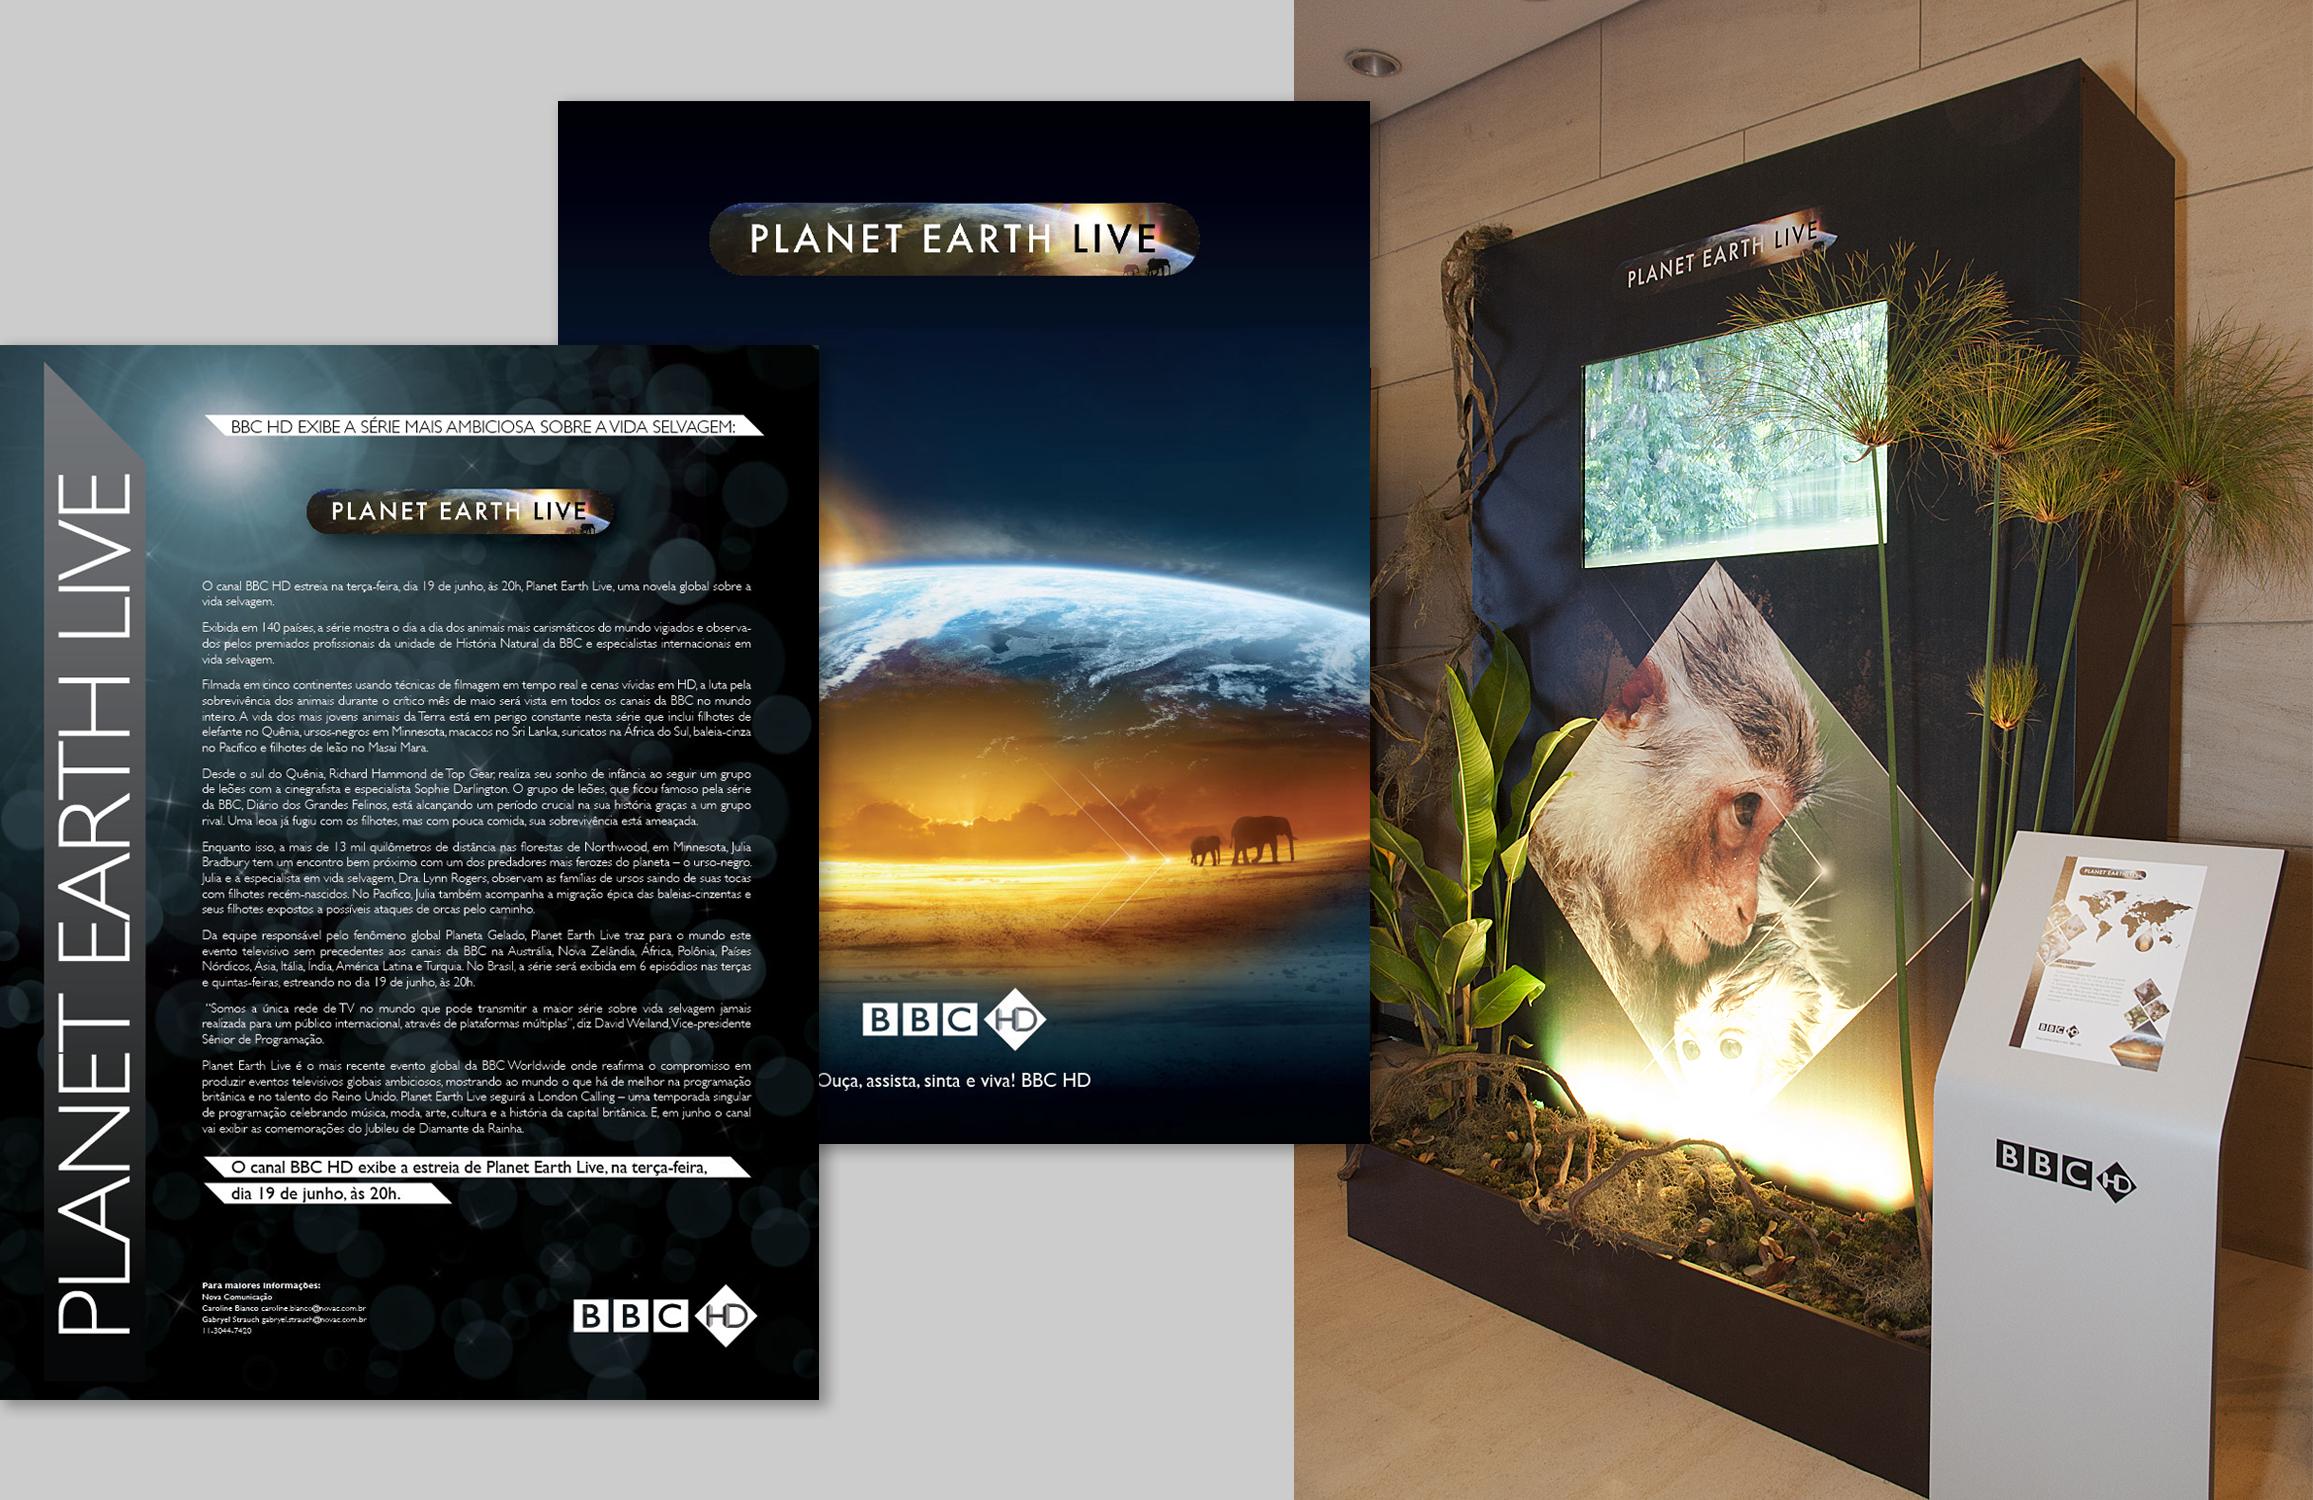 PLANET EARTH LIVE Brasil